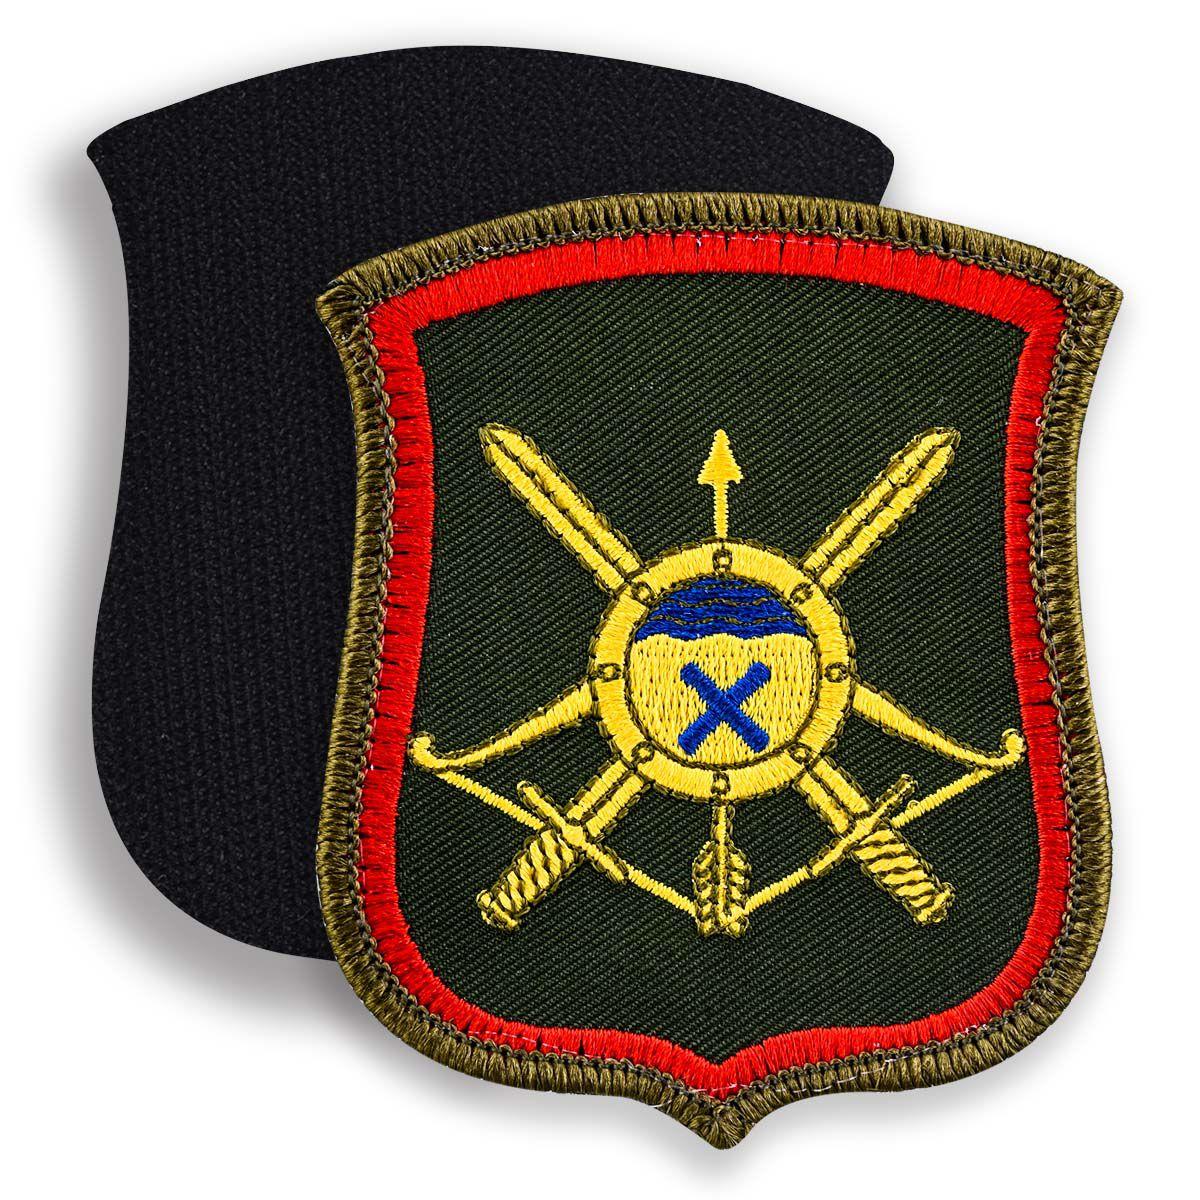 Нарукавный шеврон 13-ой ракетной дивизии РВСН